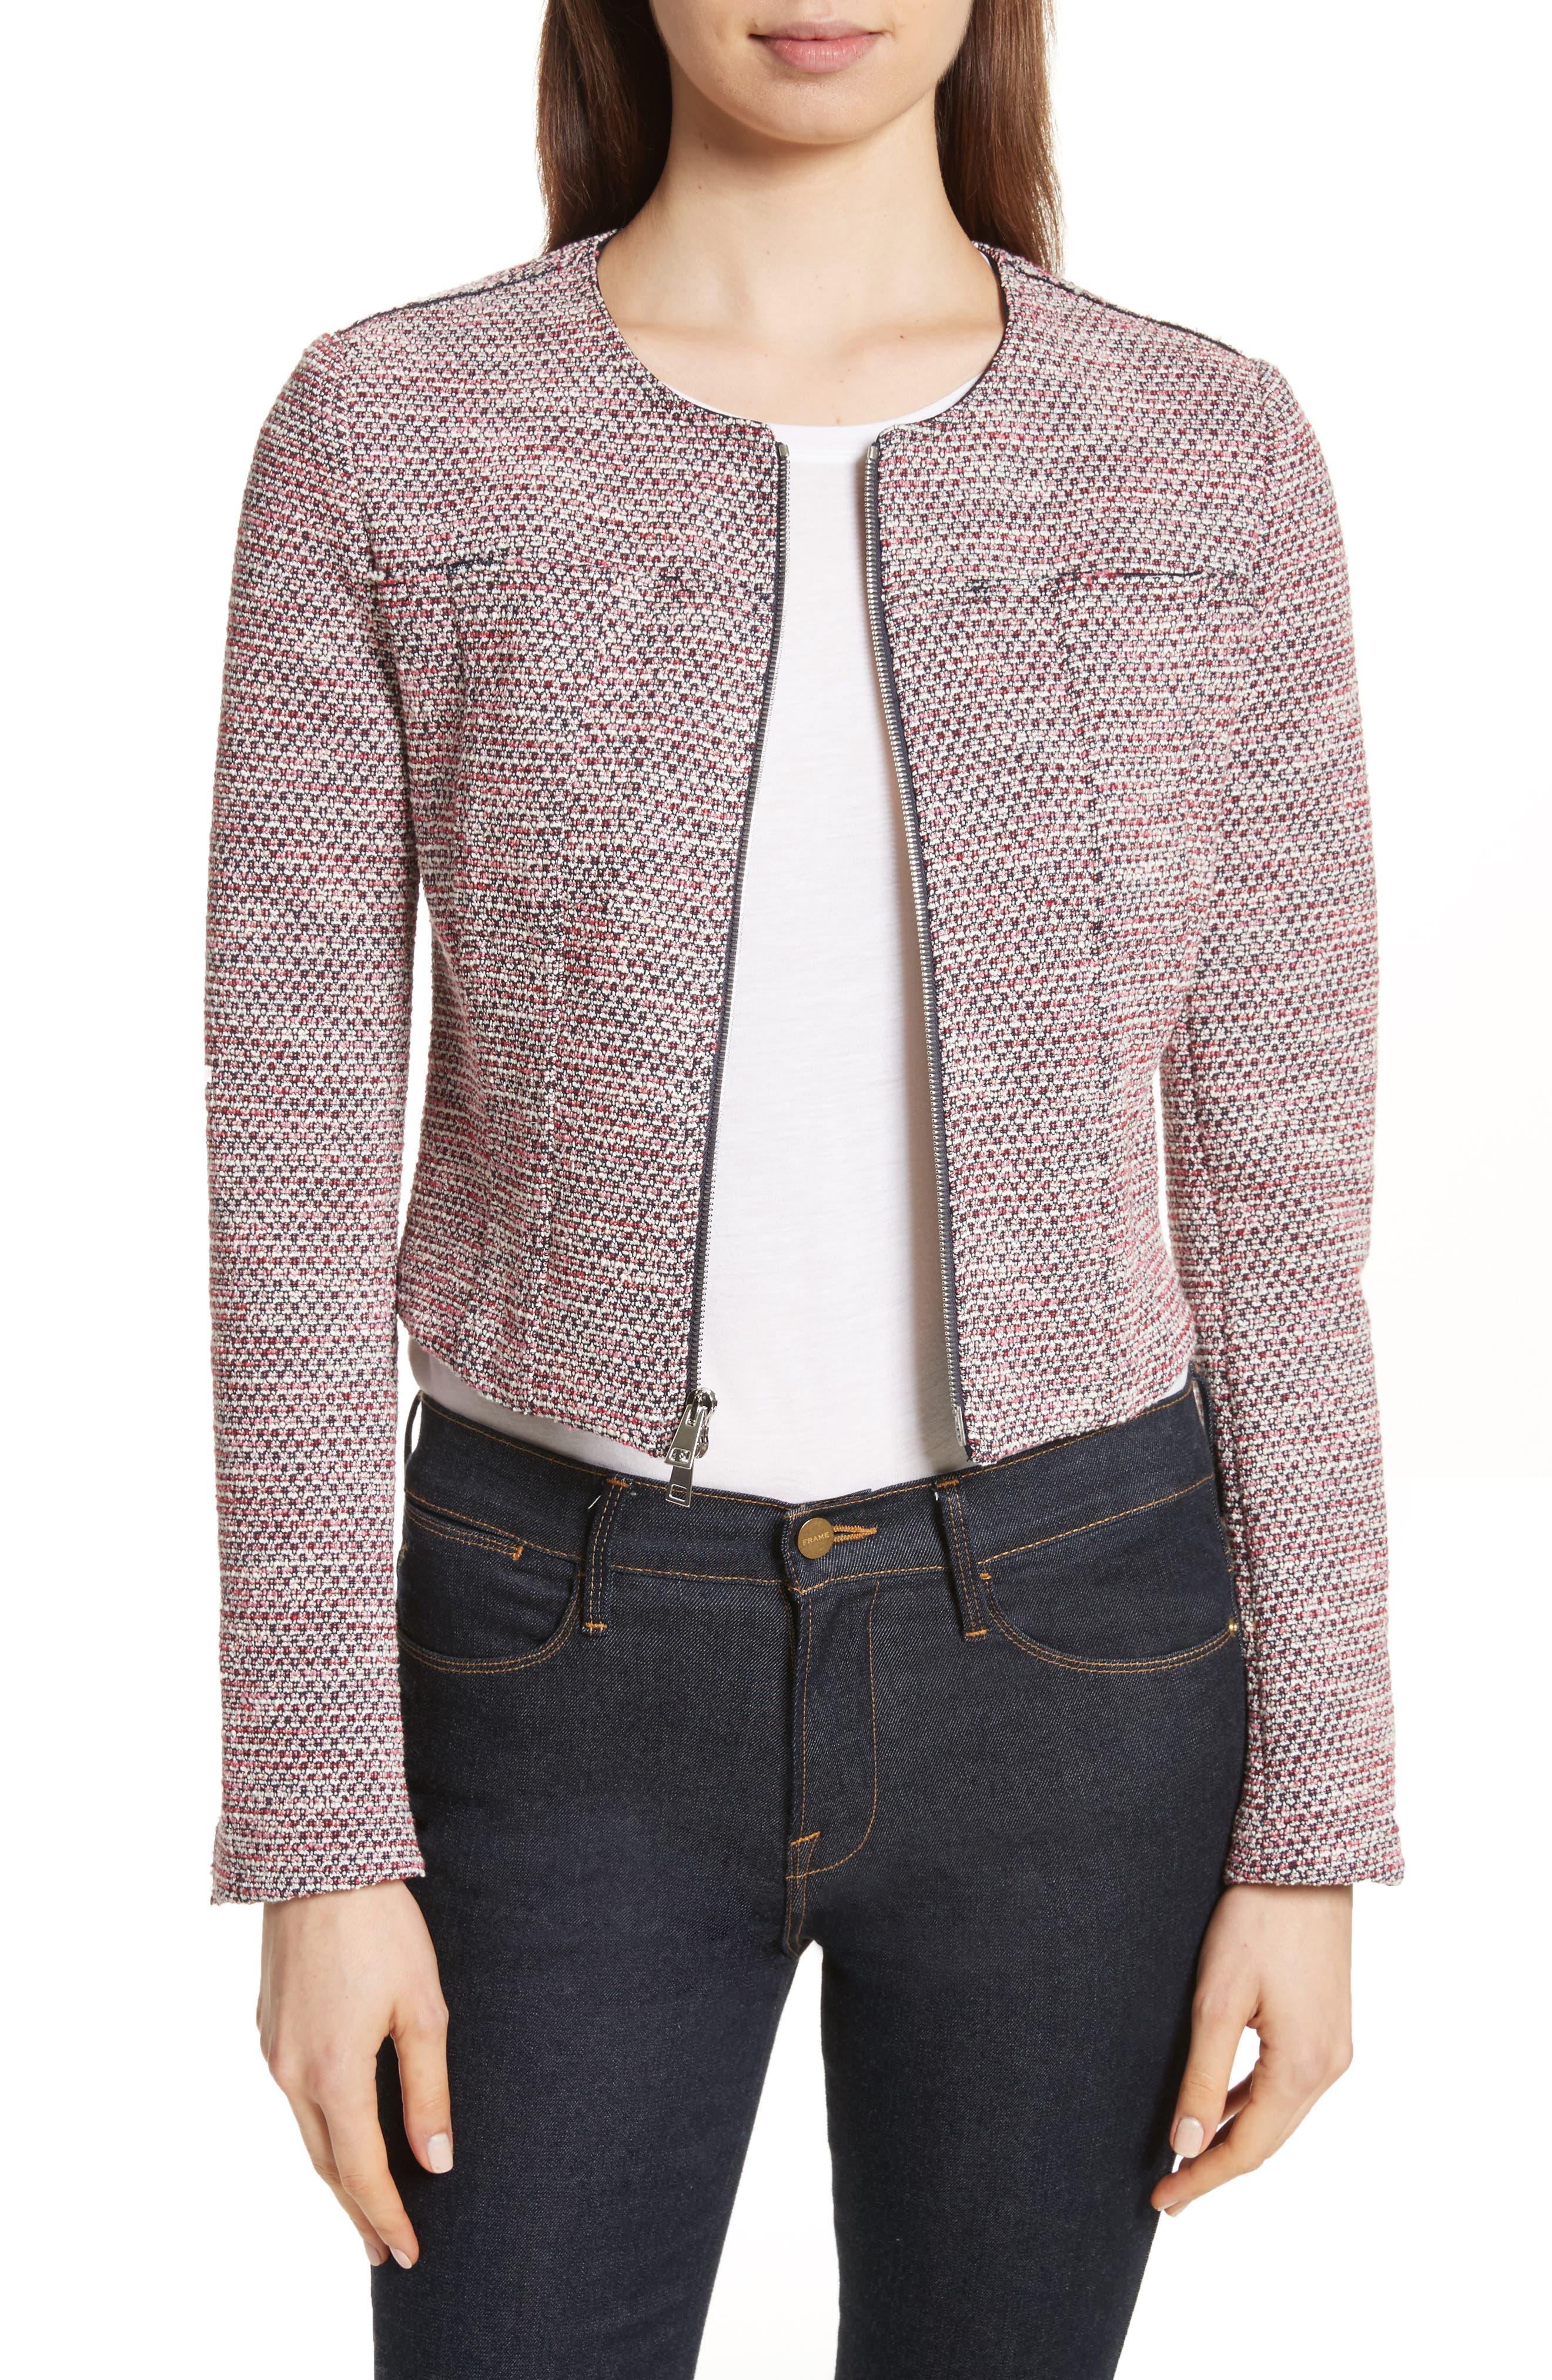 Alternate Image 1 Selected - Theory Ualana Z Beacon Tweed Jacket